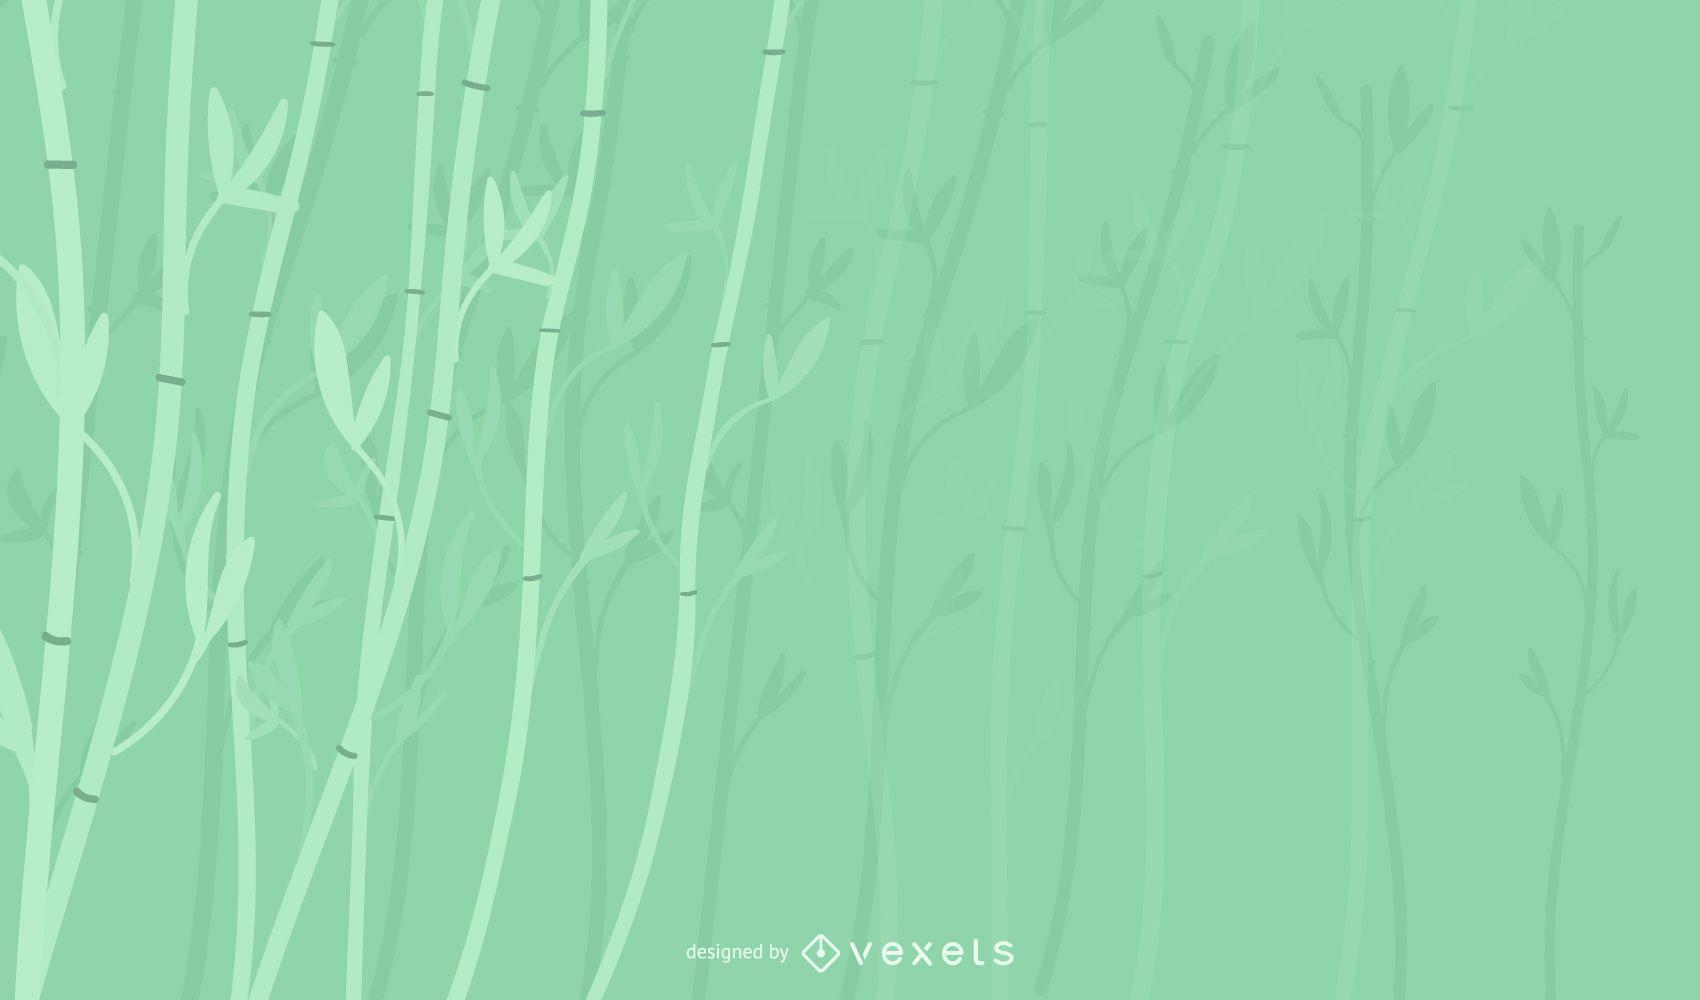 Diseño de fondo de planta de bambú